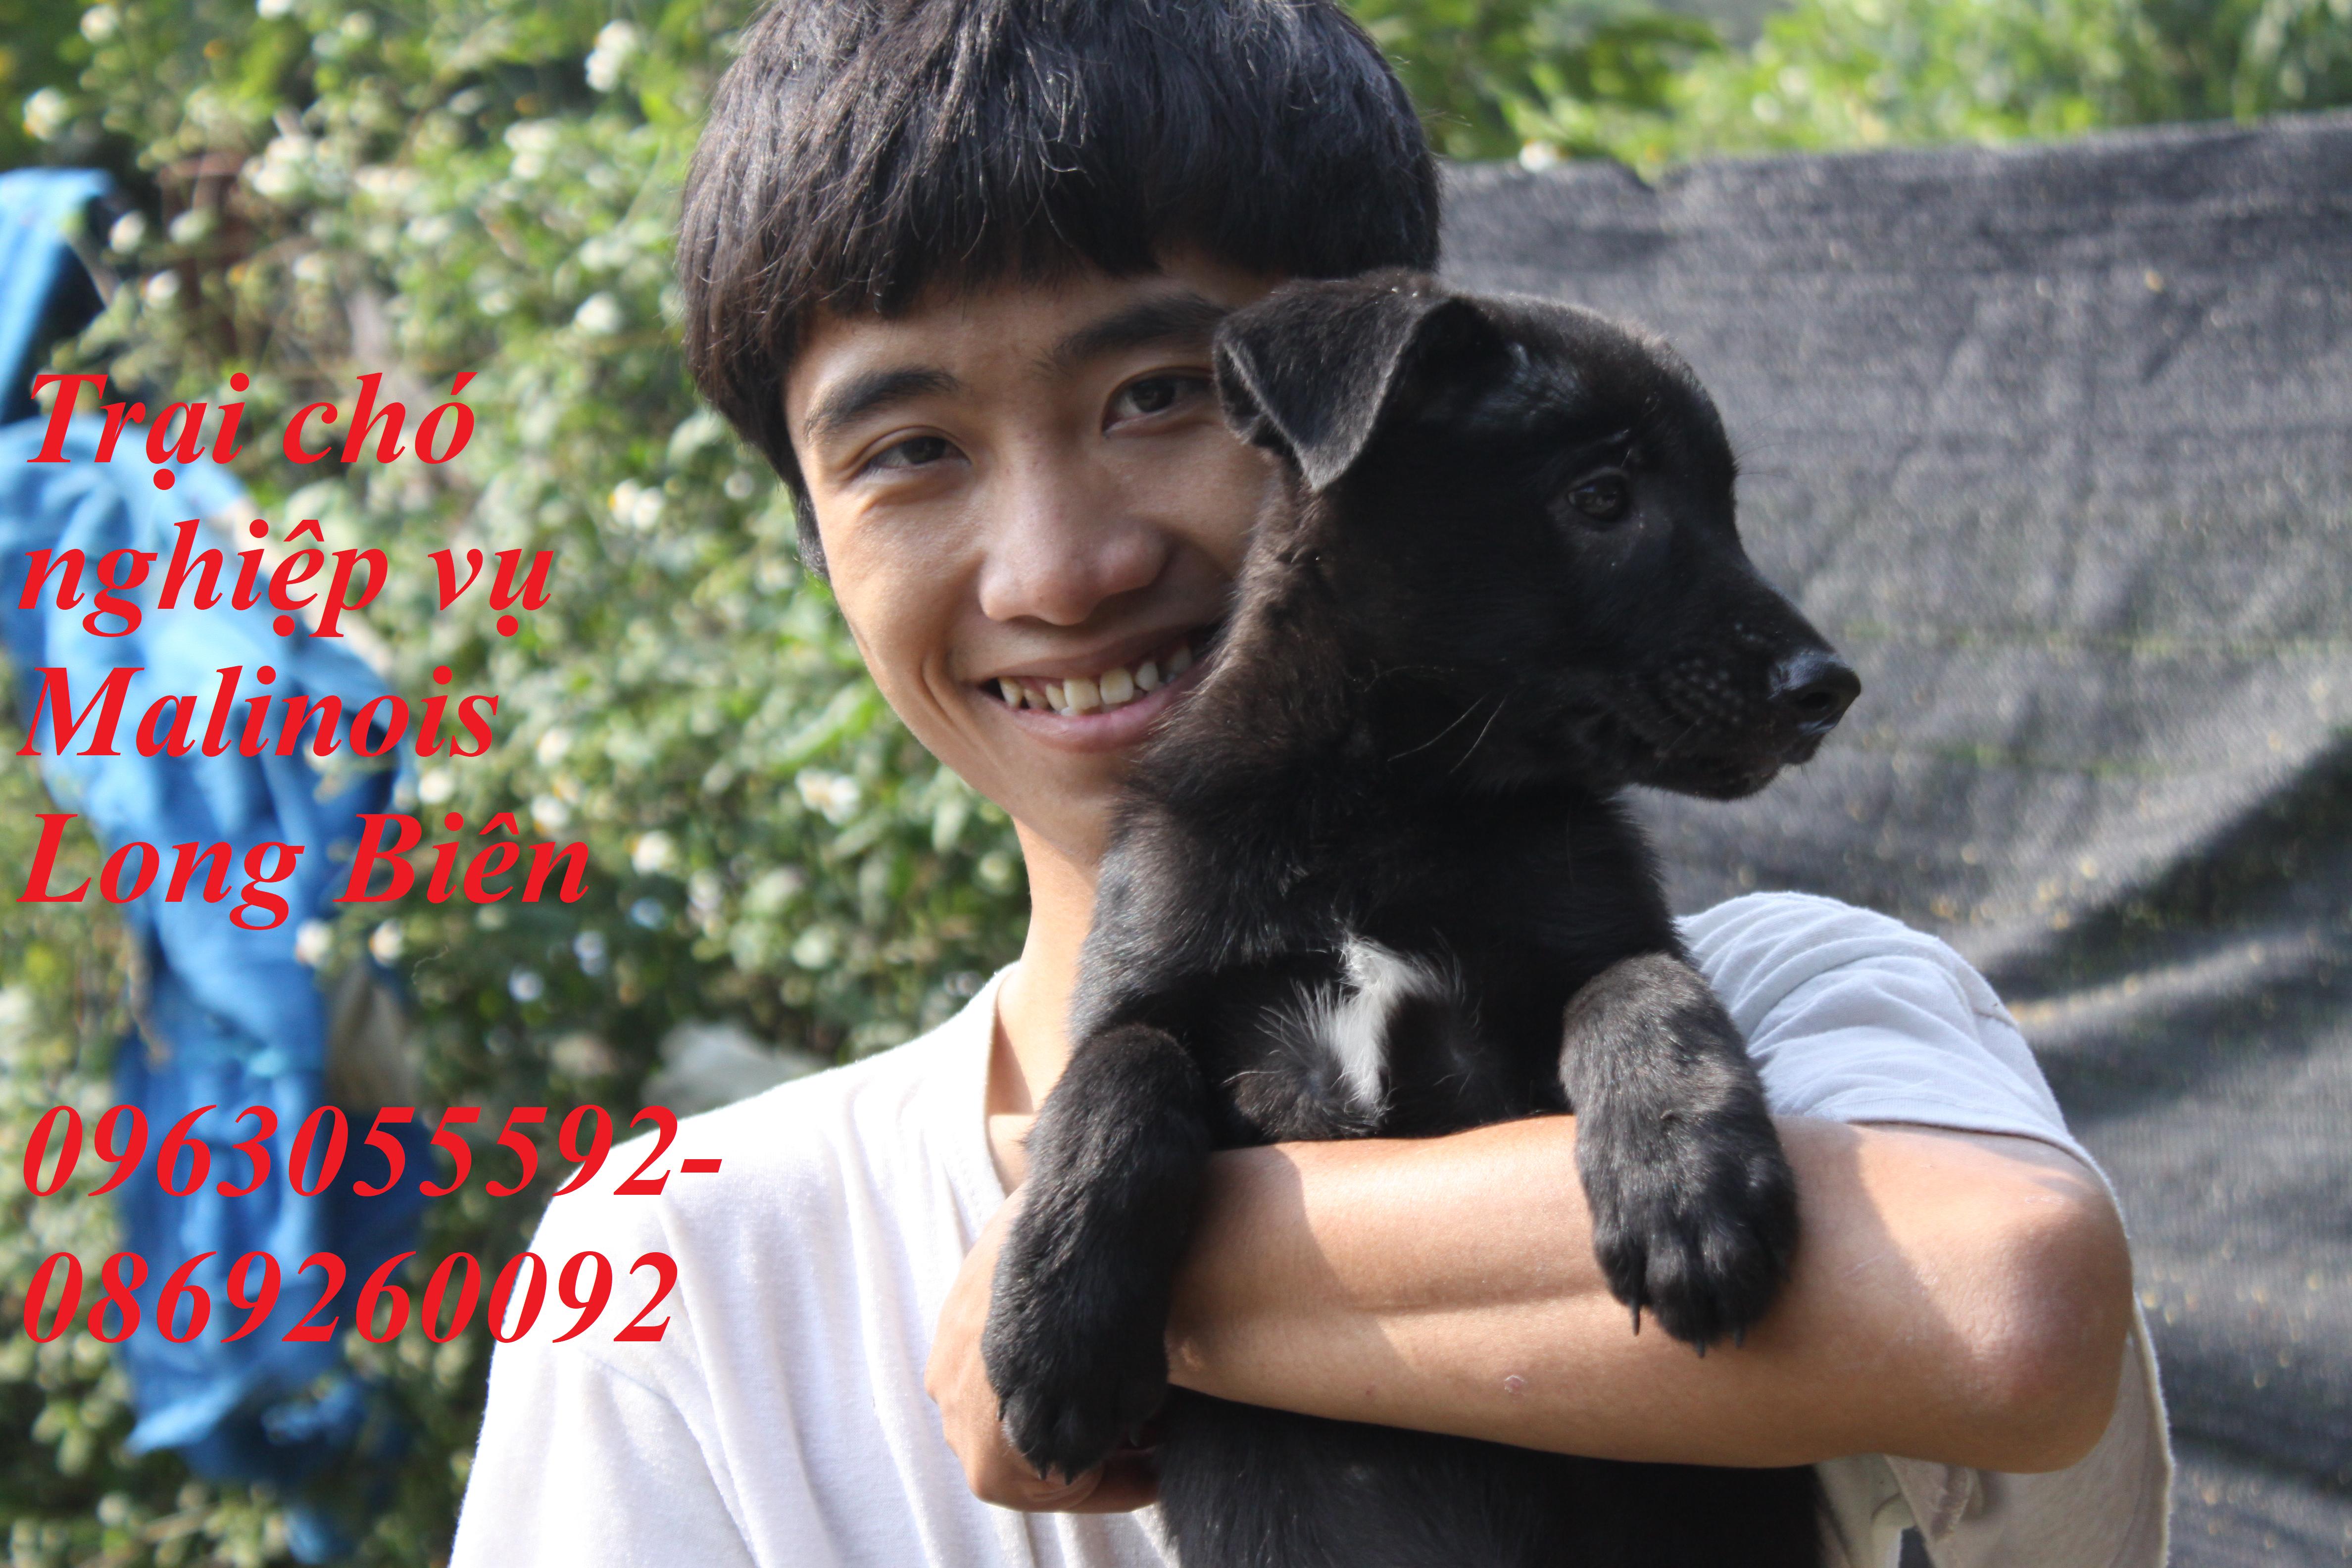 Chó Malinois con đen tuyền tại trại chó Malinois Long Biên